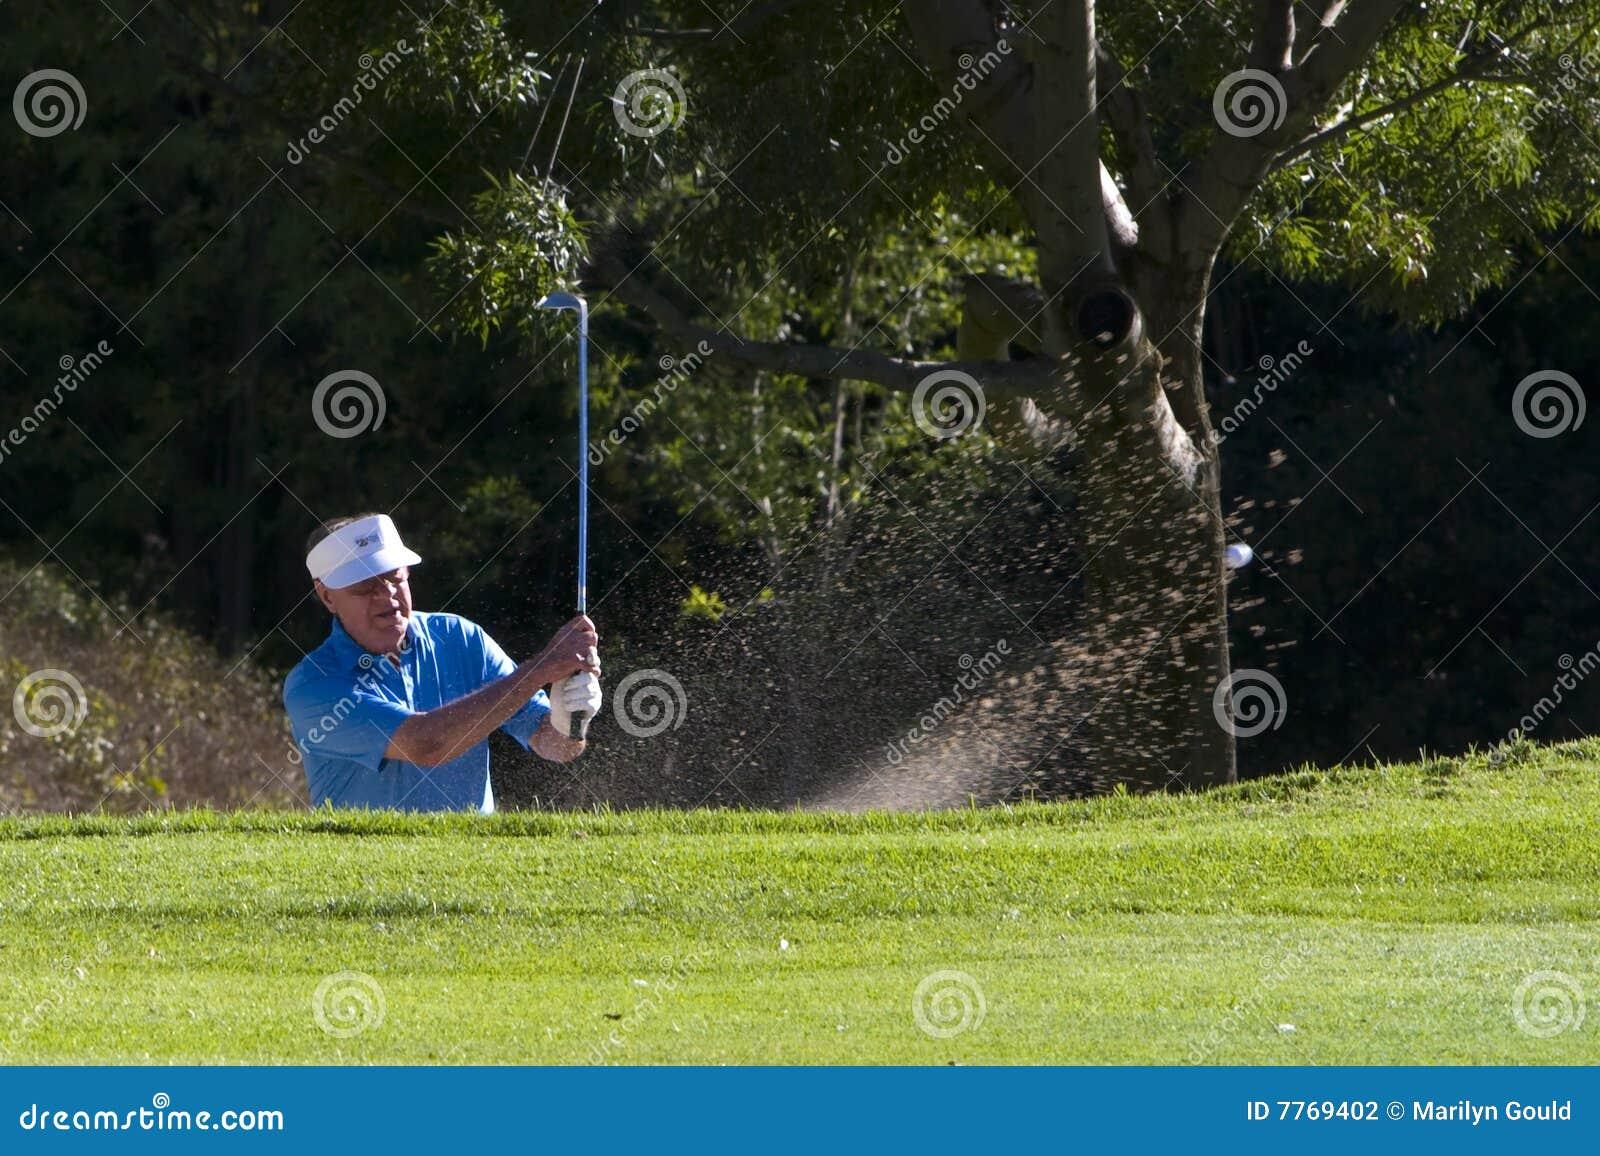 Golfer hitting from bunker